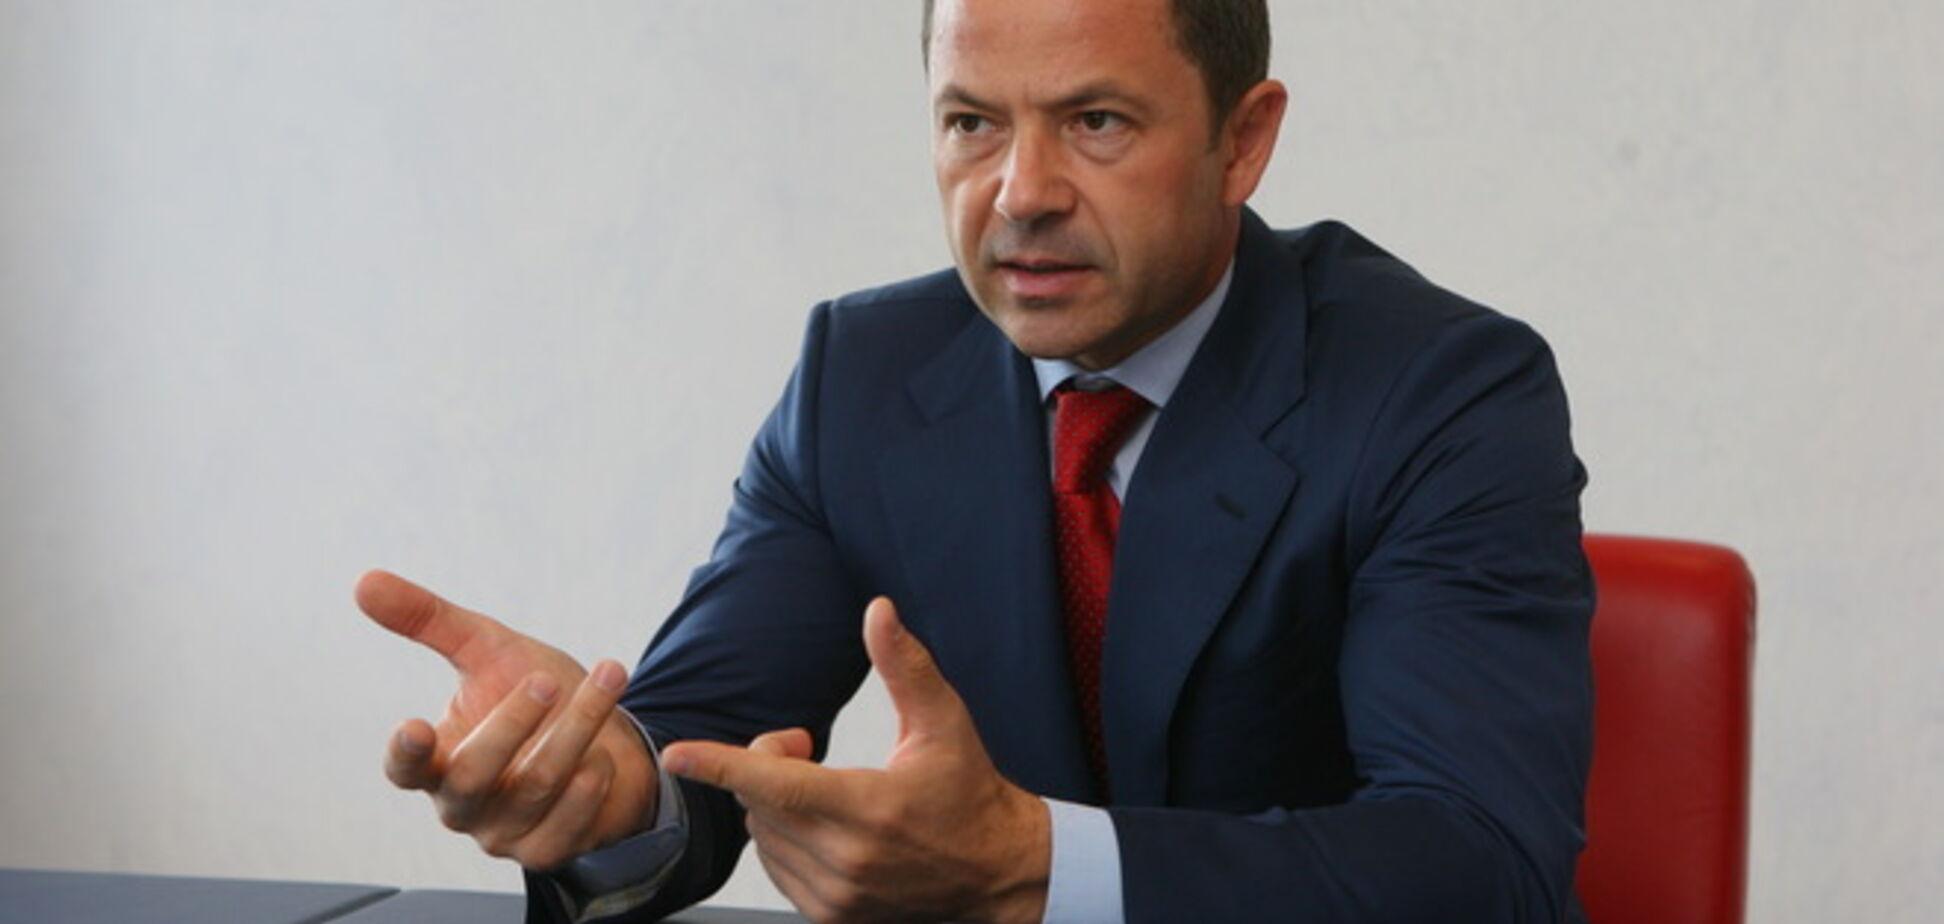 У Тігіпка хороші шанси на підтримку виборців російськомовних регіонів - Фесенко